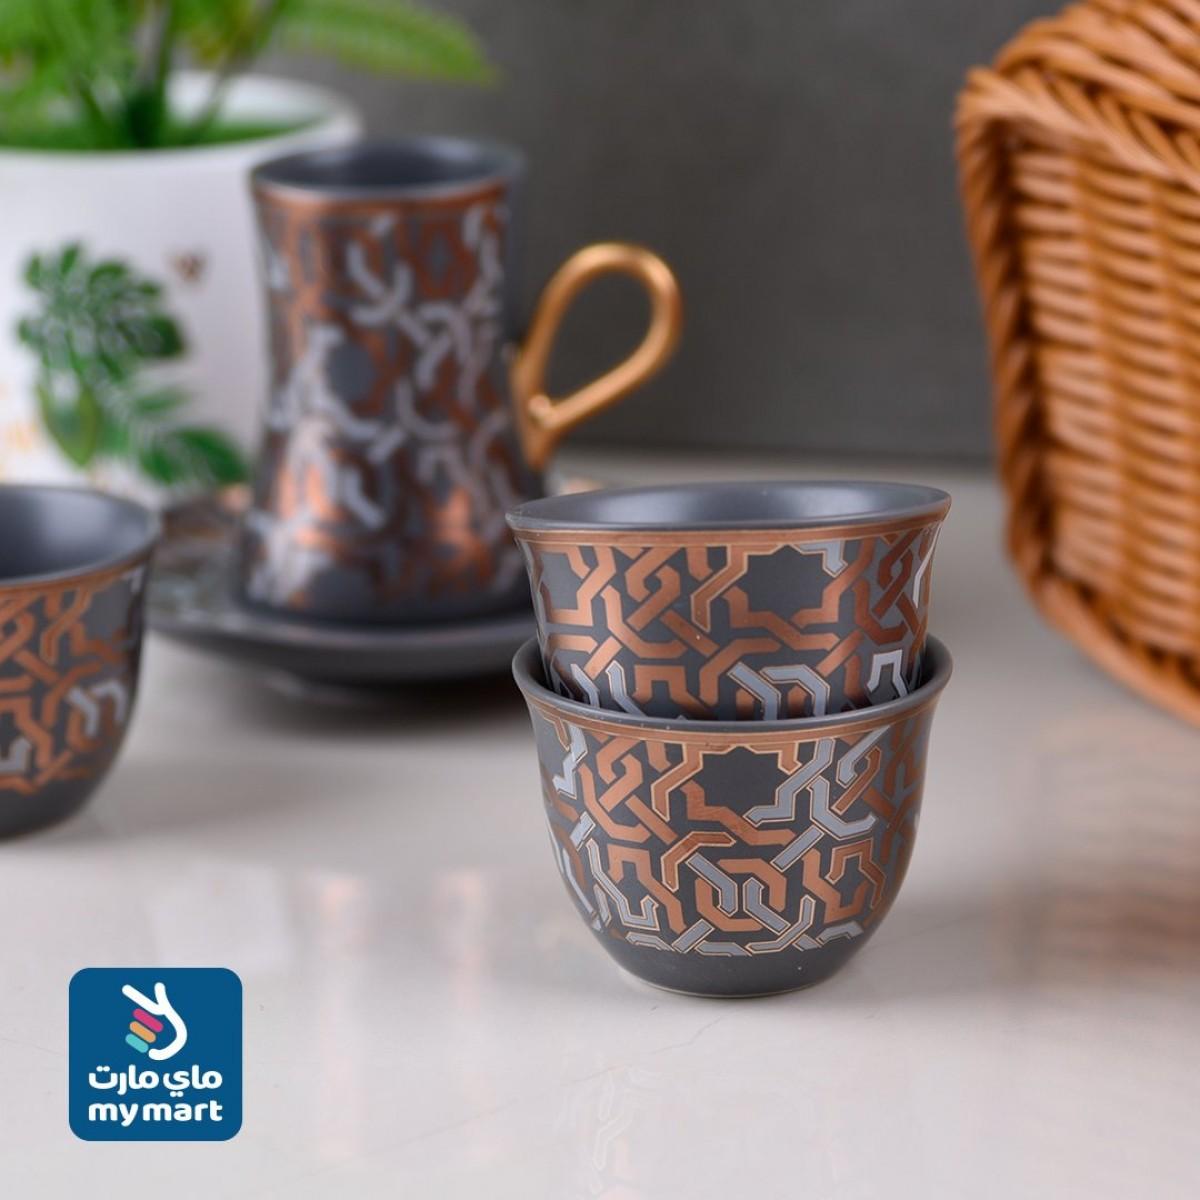 طقم فناجين قهوة وبيالات شاي مع الصحون - 18 قطعة 510017